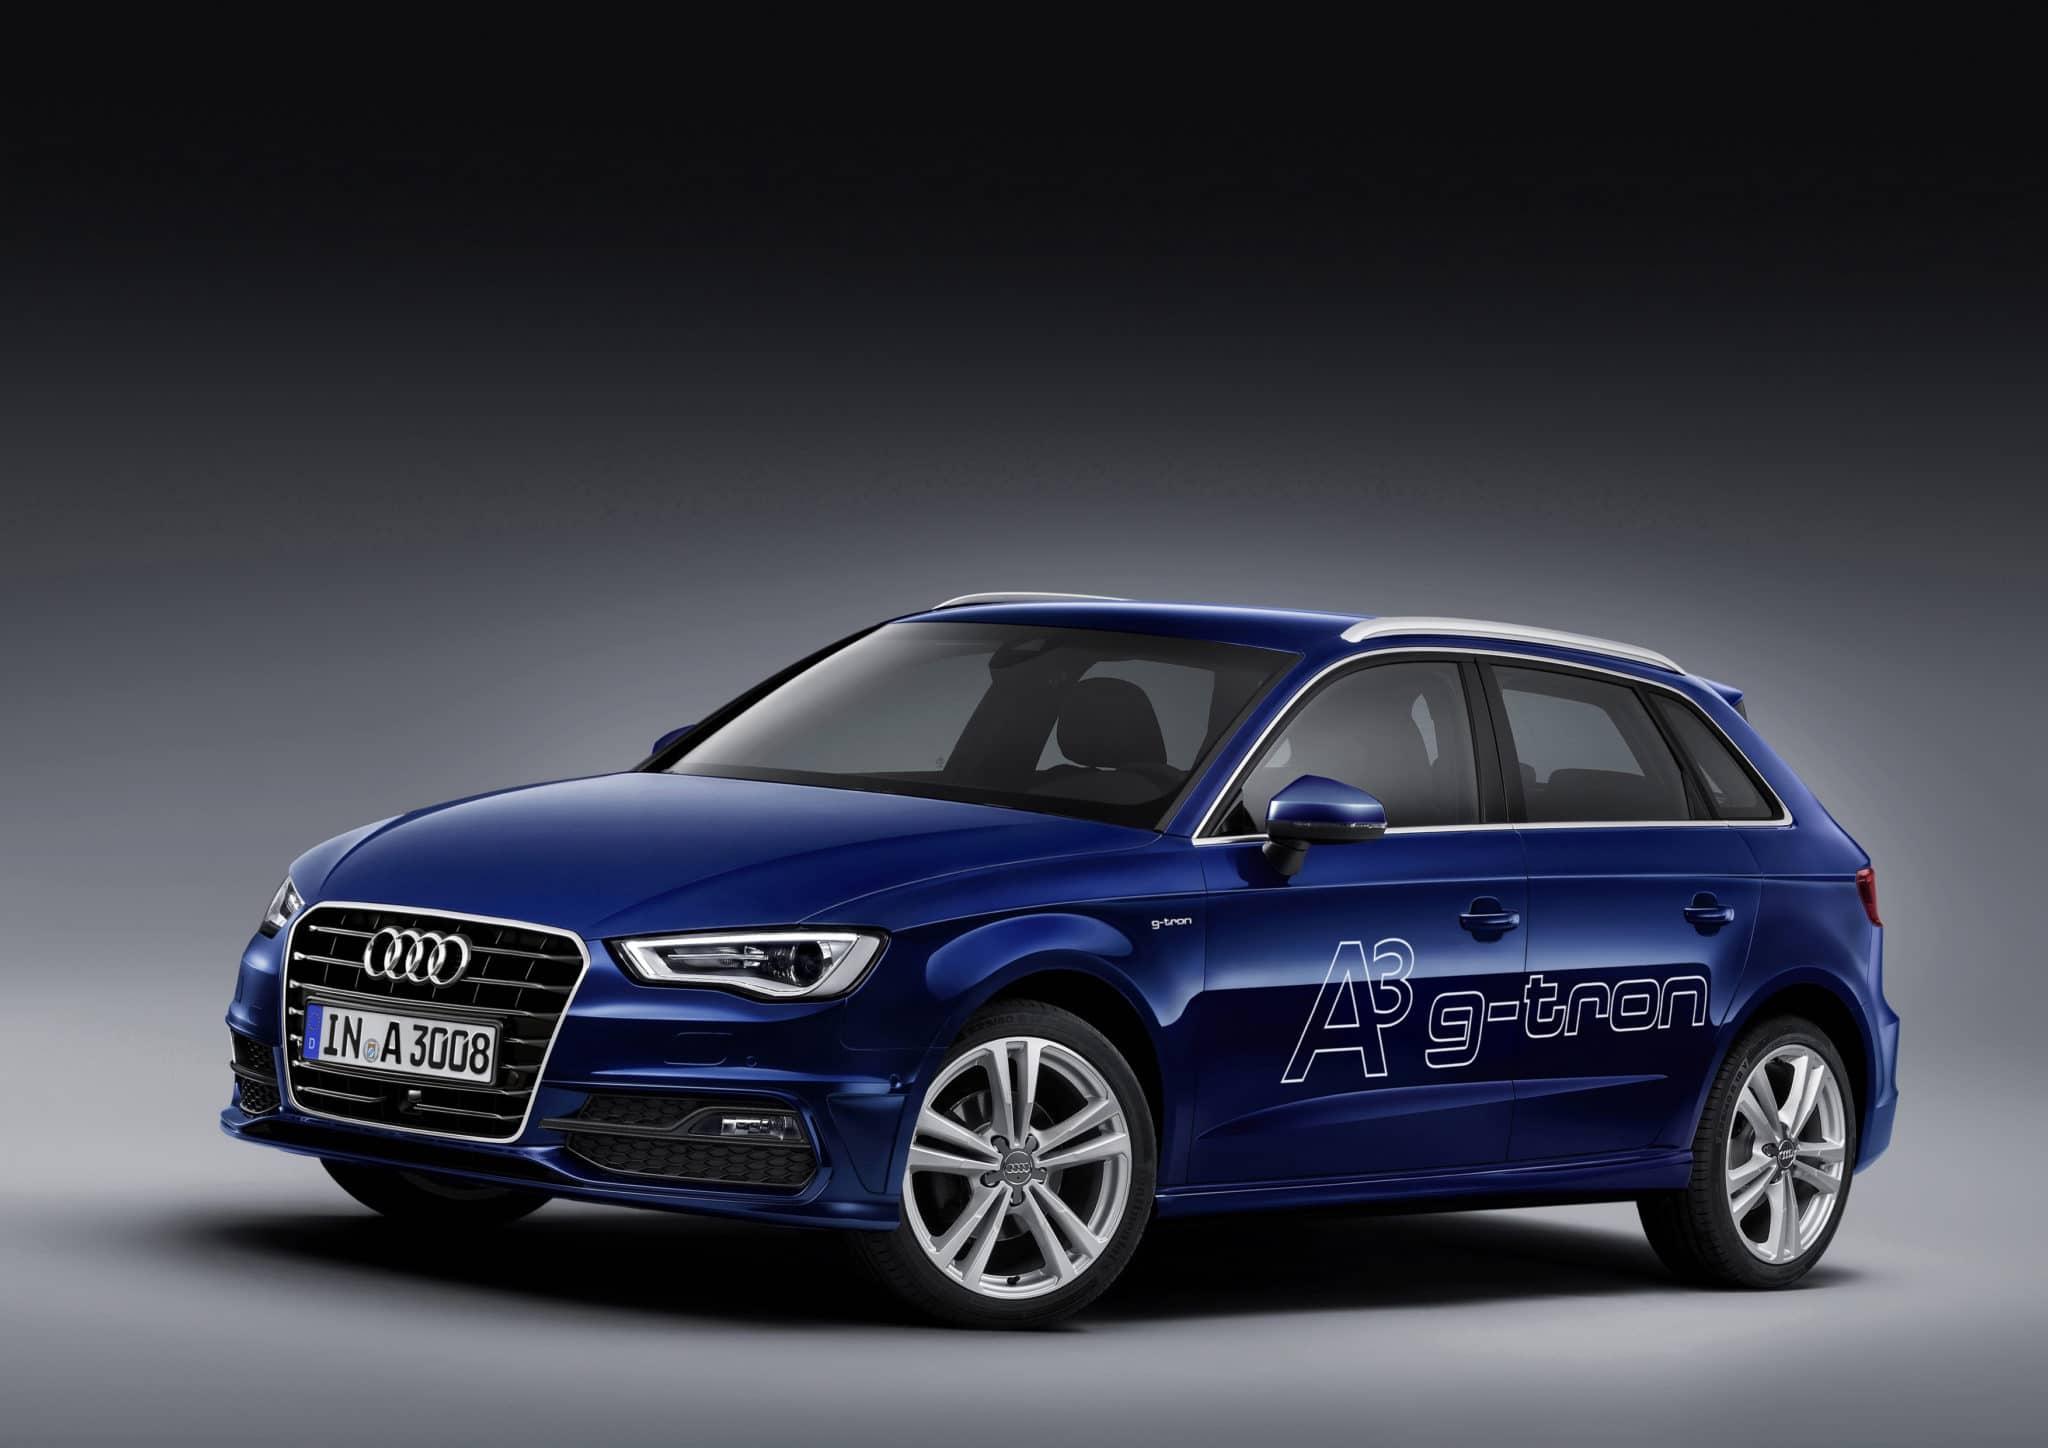 Nuova Audi A3 Sportback g-tron: una cinque porte compatta e sostenibile 2